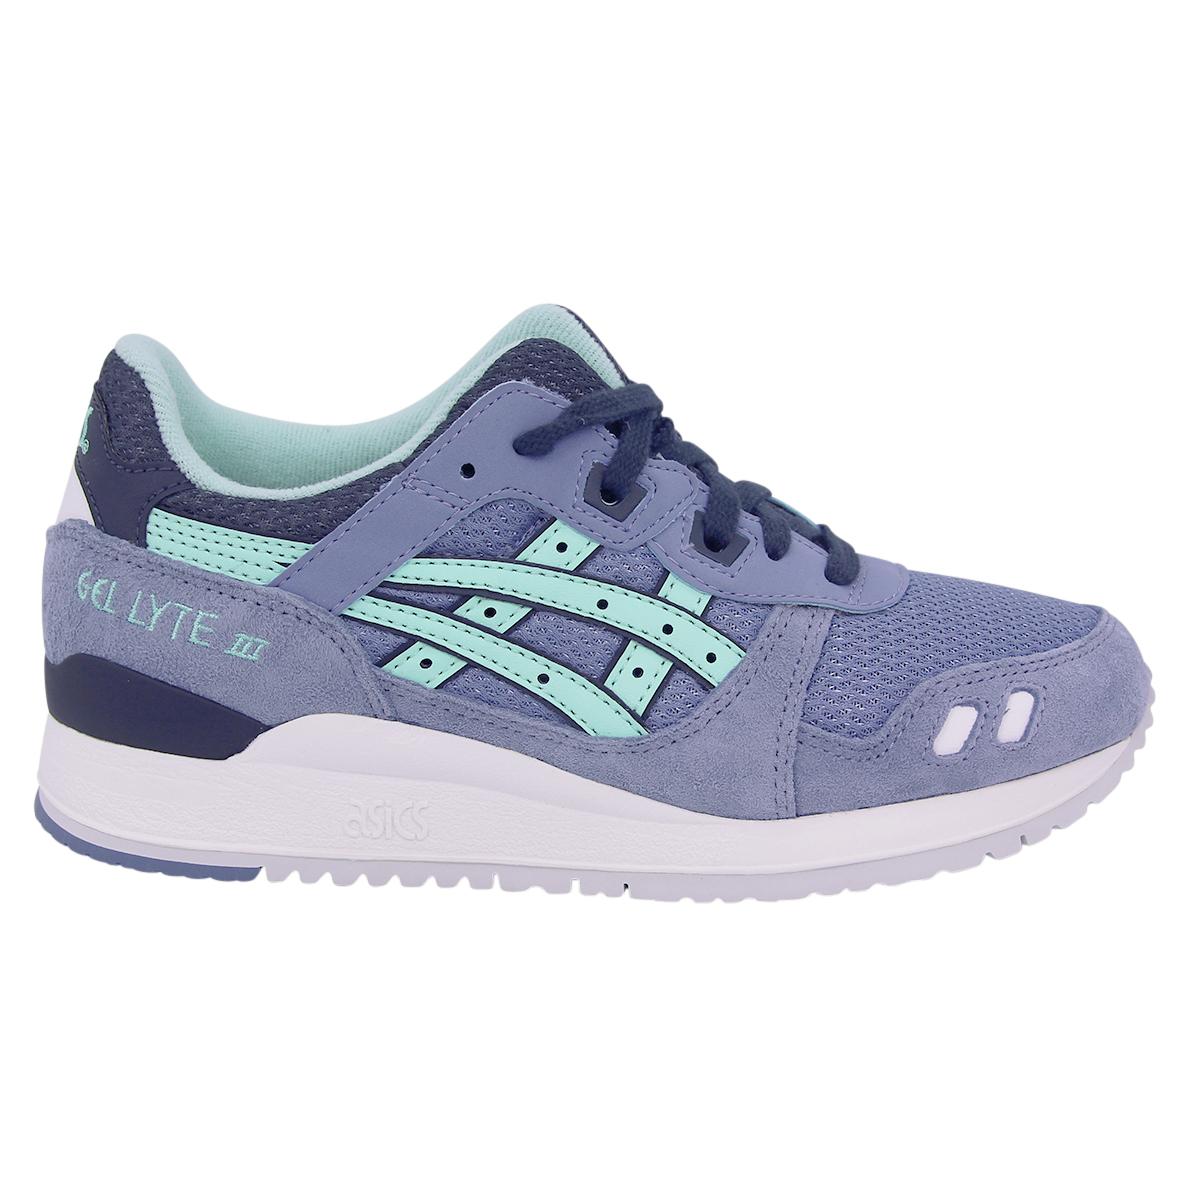 shoes sportive basse GEL LYTE III